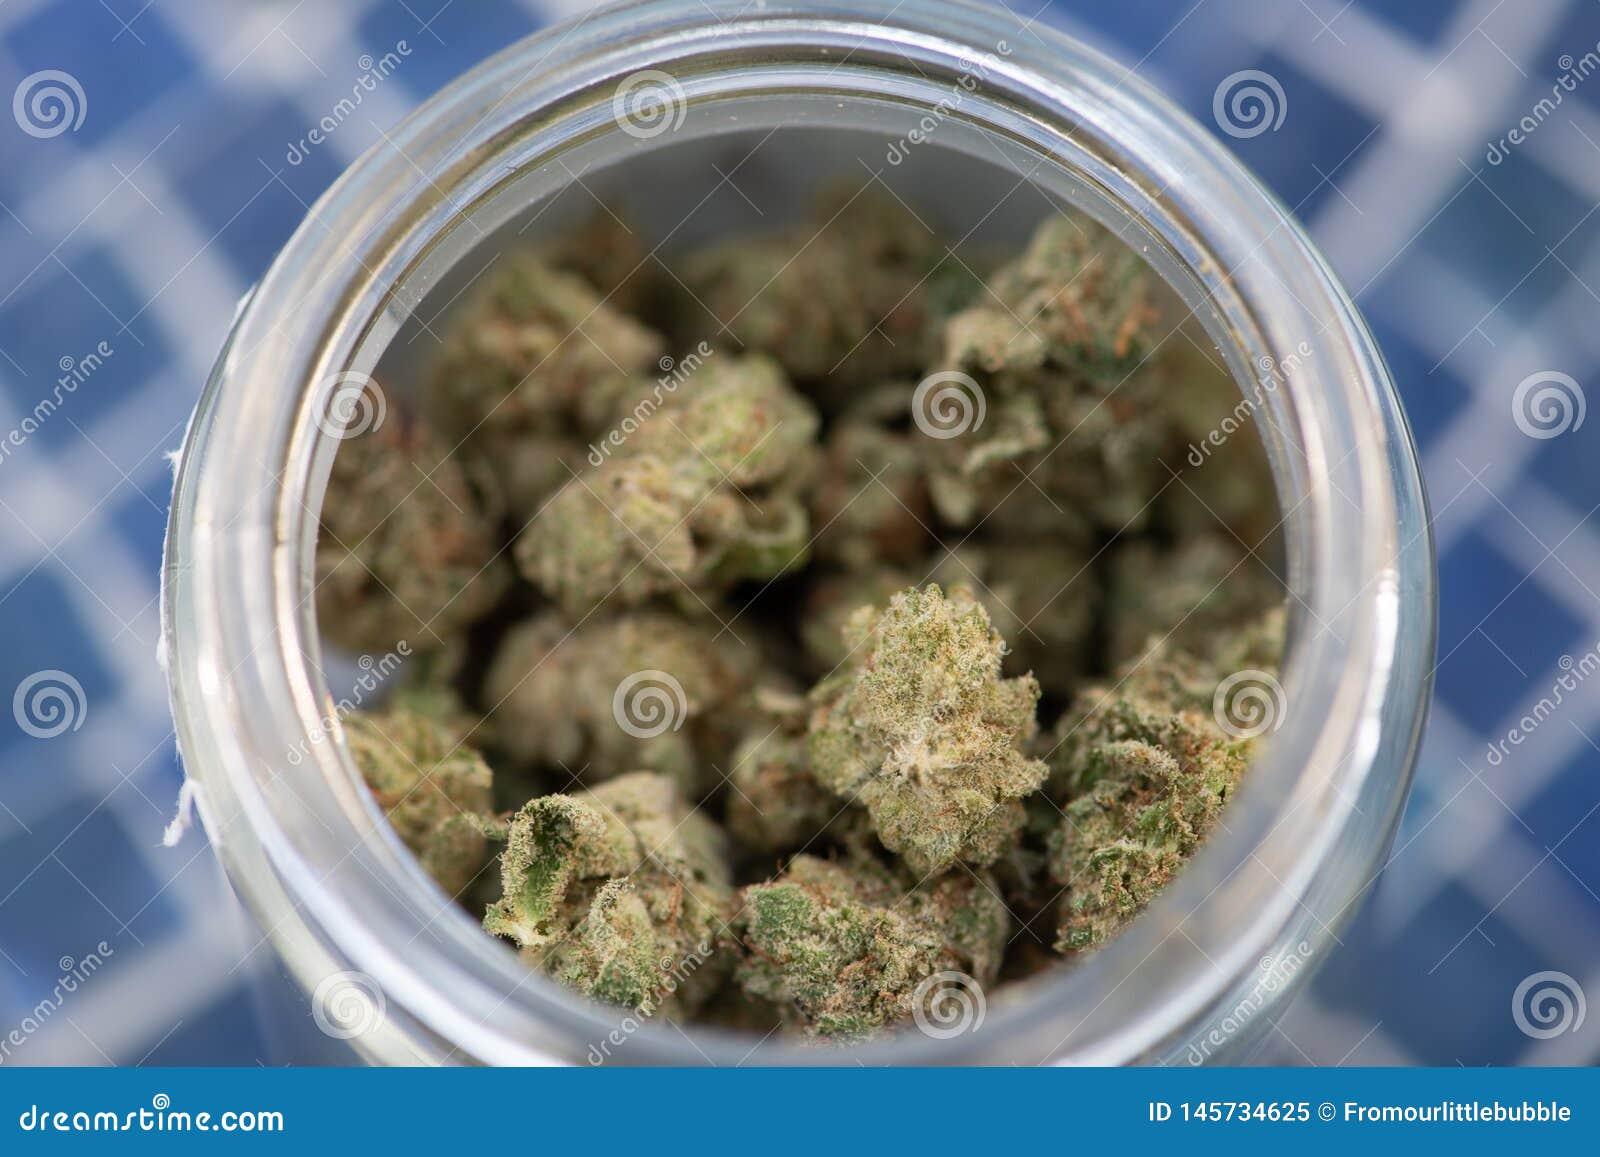 Marijuana récréationnelle dans le pot en verre sur la tuile bleue